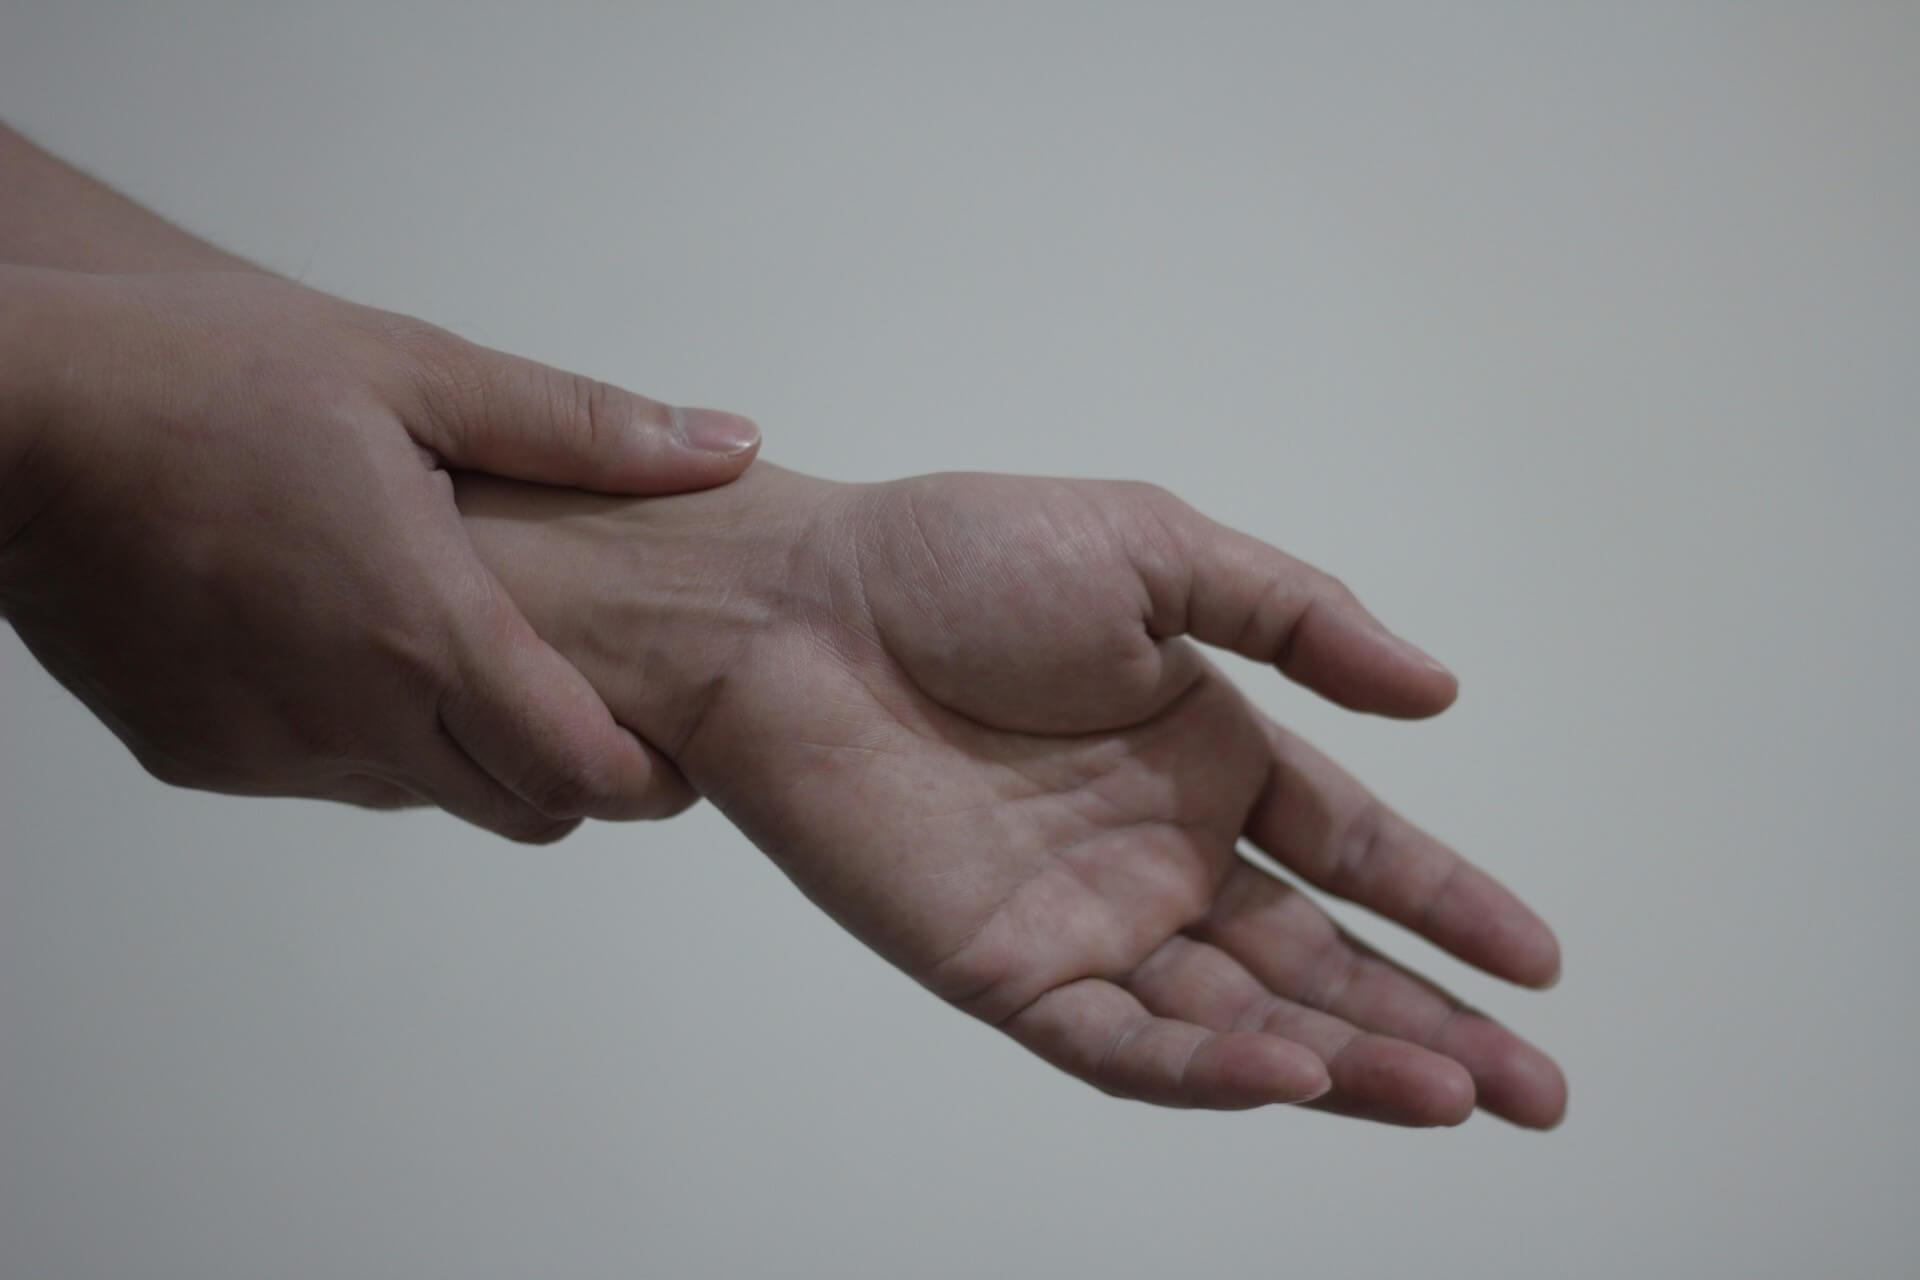 Een afbeelding van een persoon die last heeft van slapende ledematen